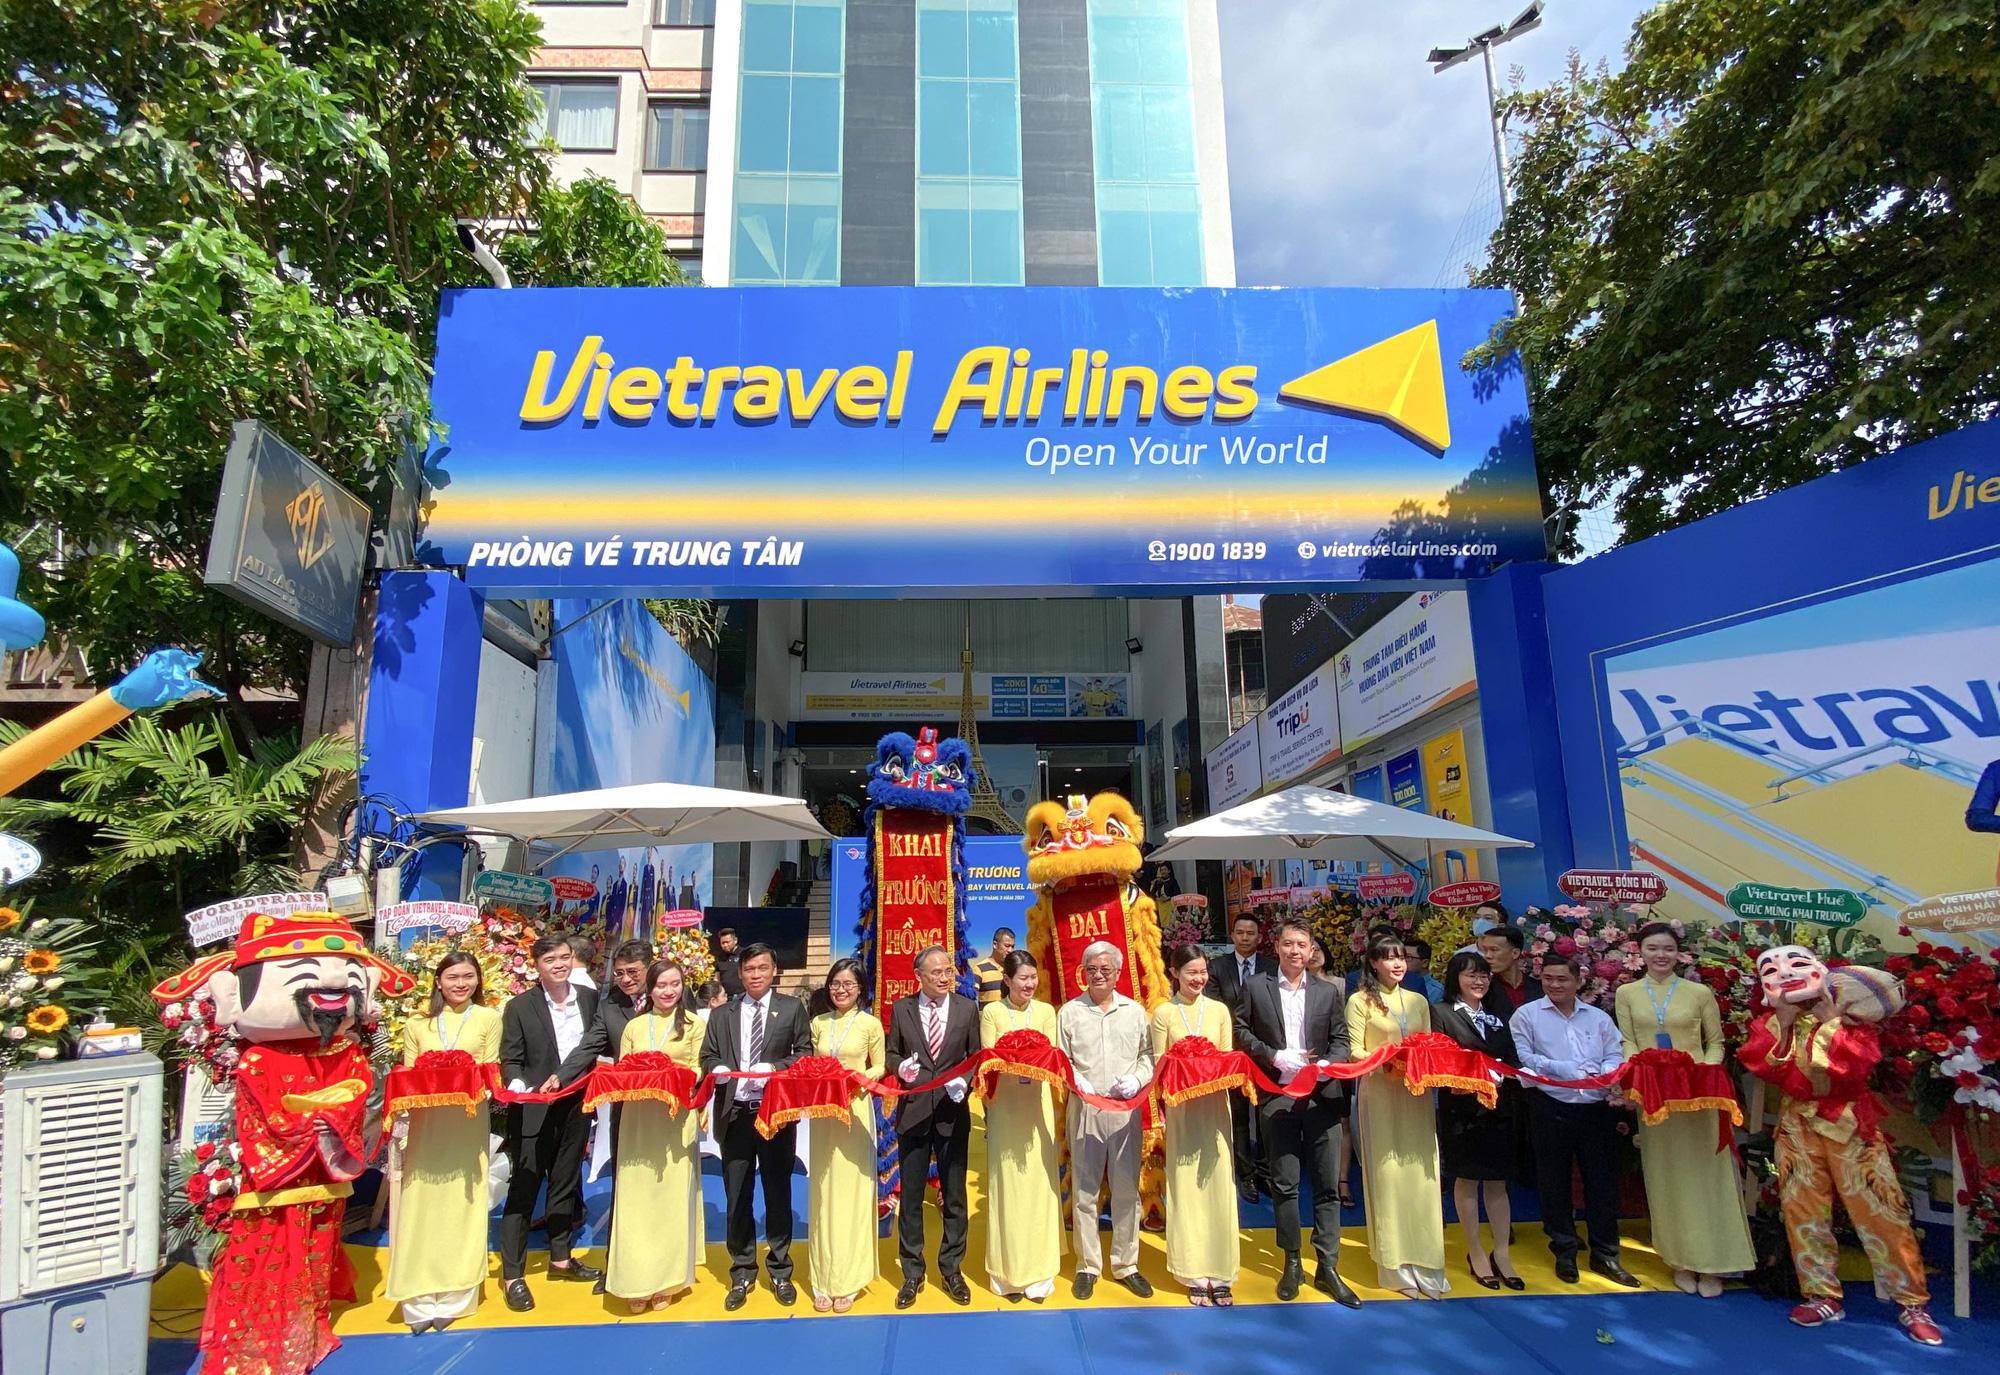 Chiến lược quảng bá của Vietravel Airlines